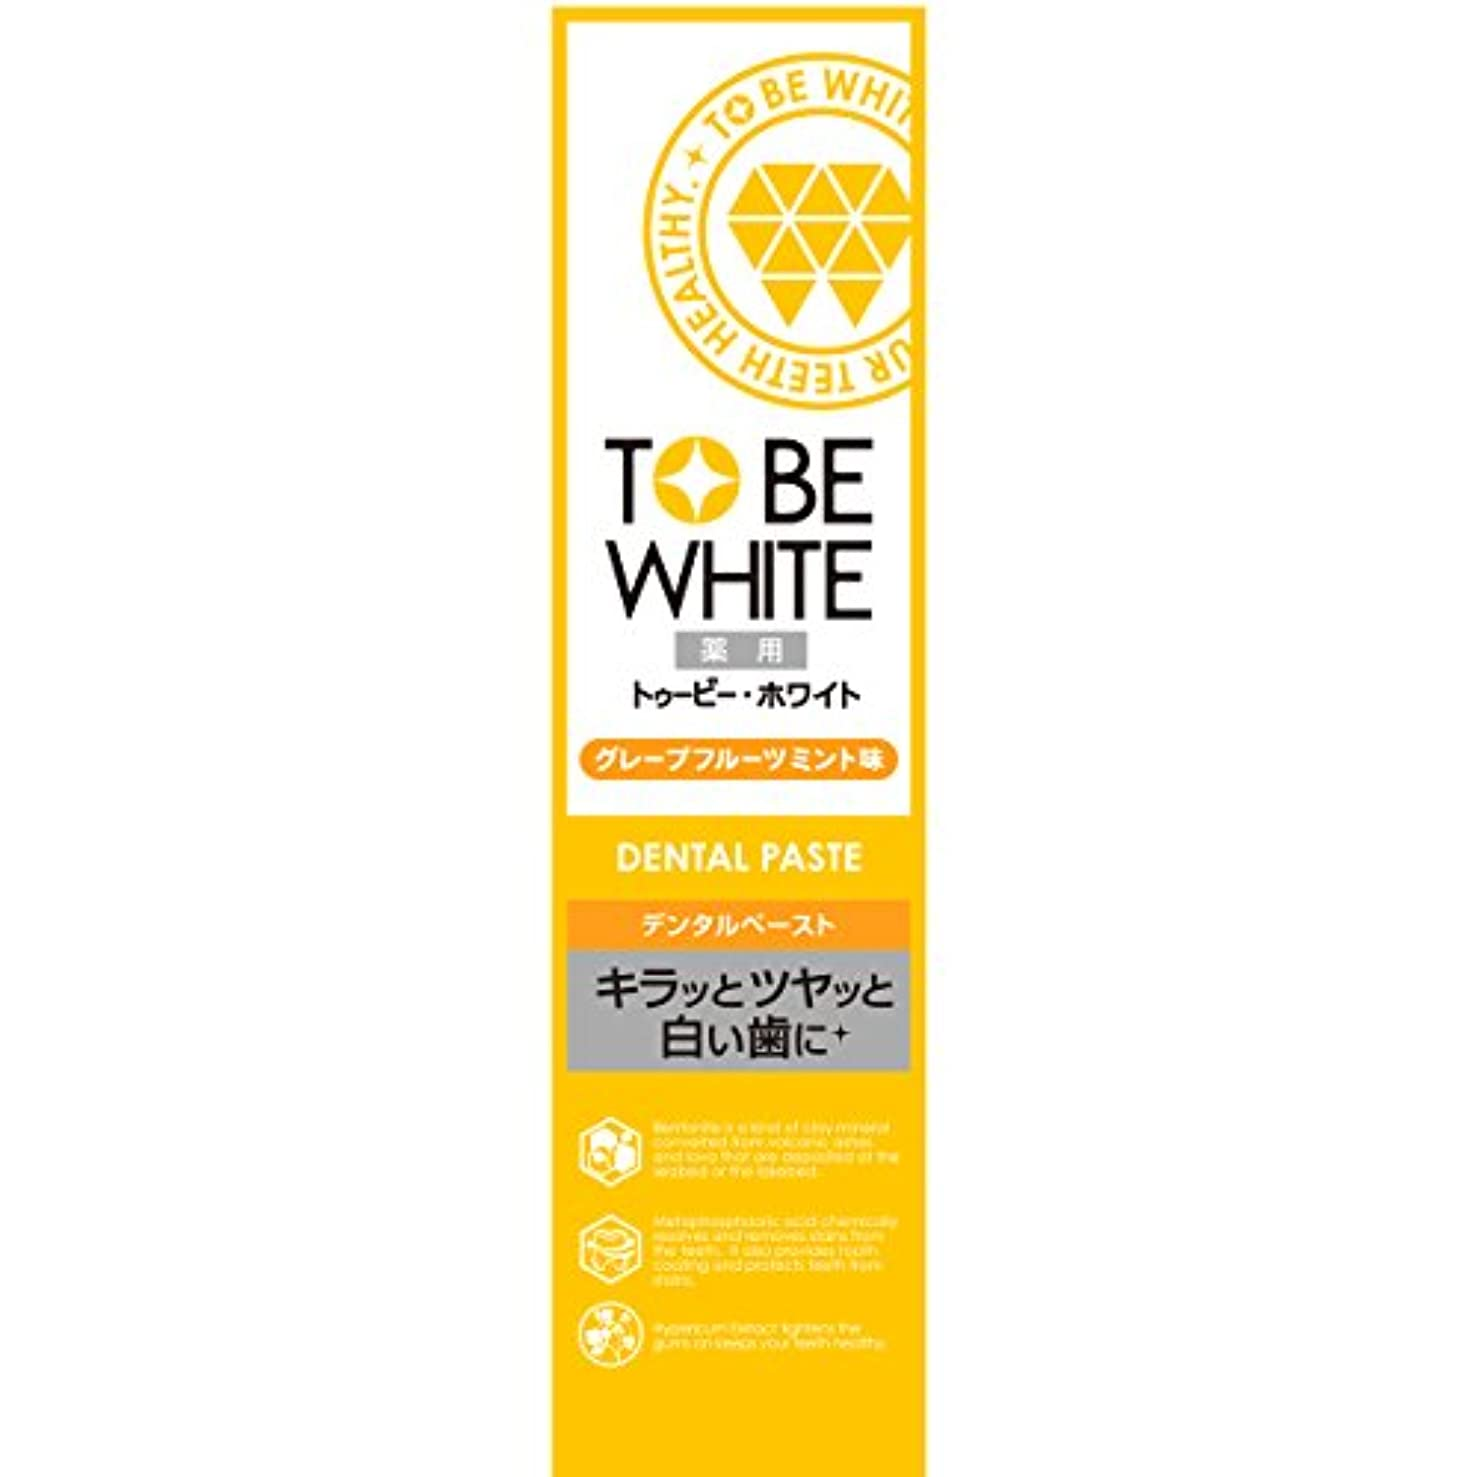 どれでもアンテナ毛細血管トゥービー?ホワイト 薬用 ホワイトニング ハミガキ粉 グレープフルーツミント 味 60g 【医薬部外品】